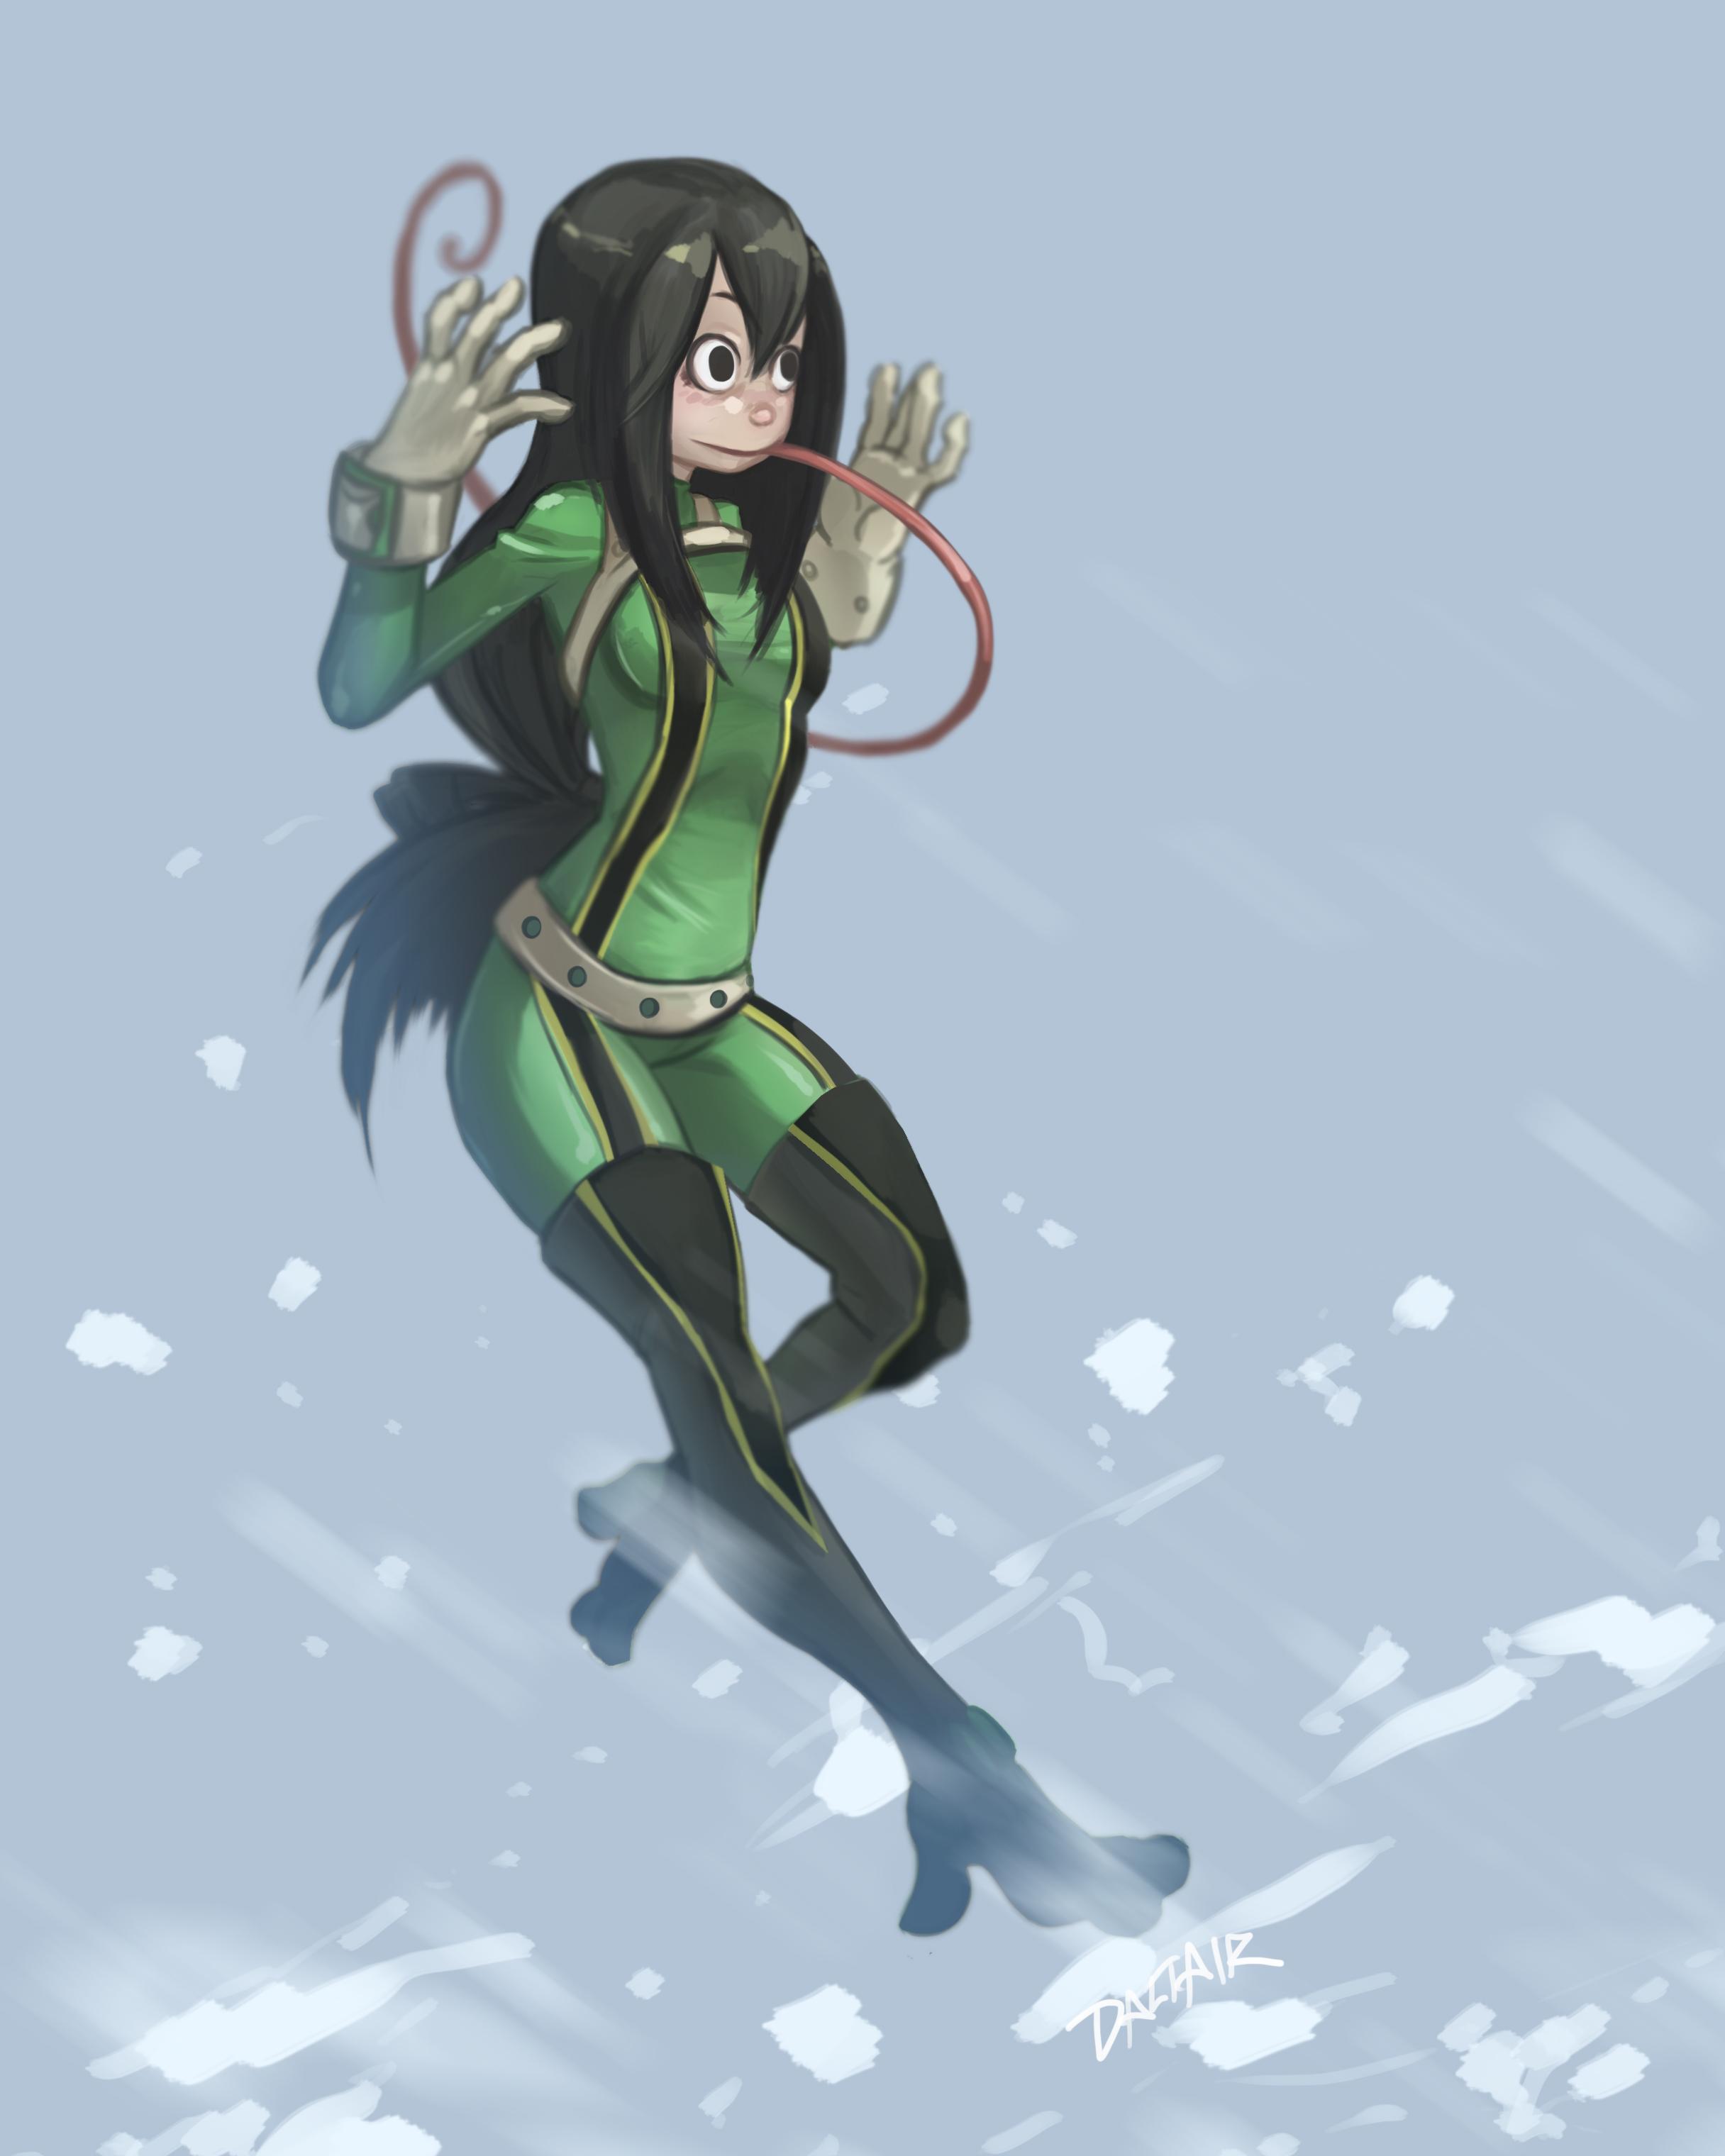 Wallpaper Boku No Hero Academia Anime Girls Tsuyu Asui